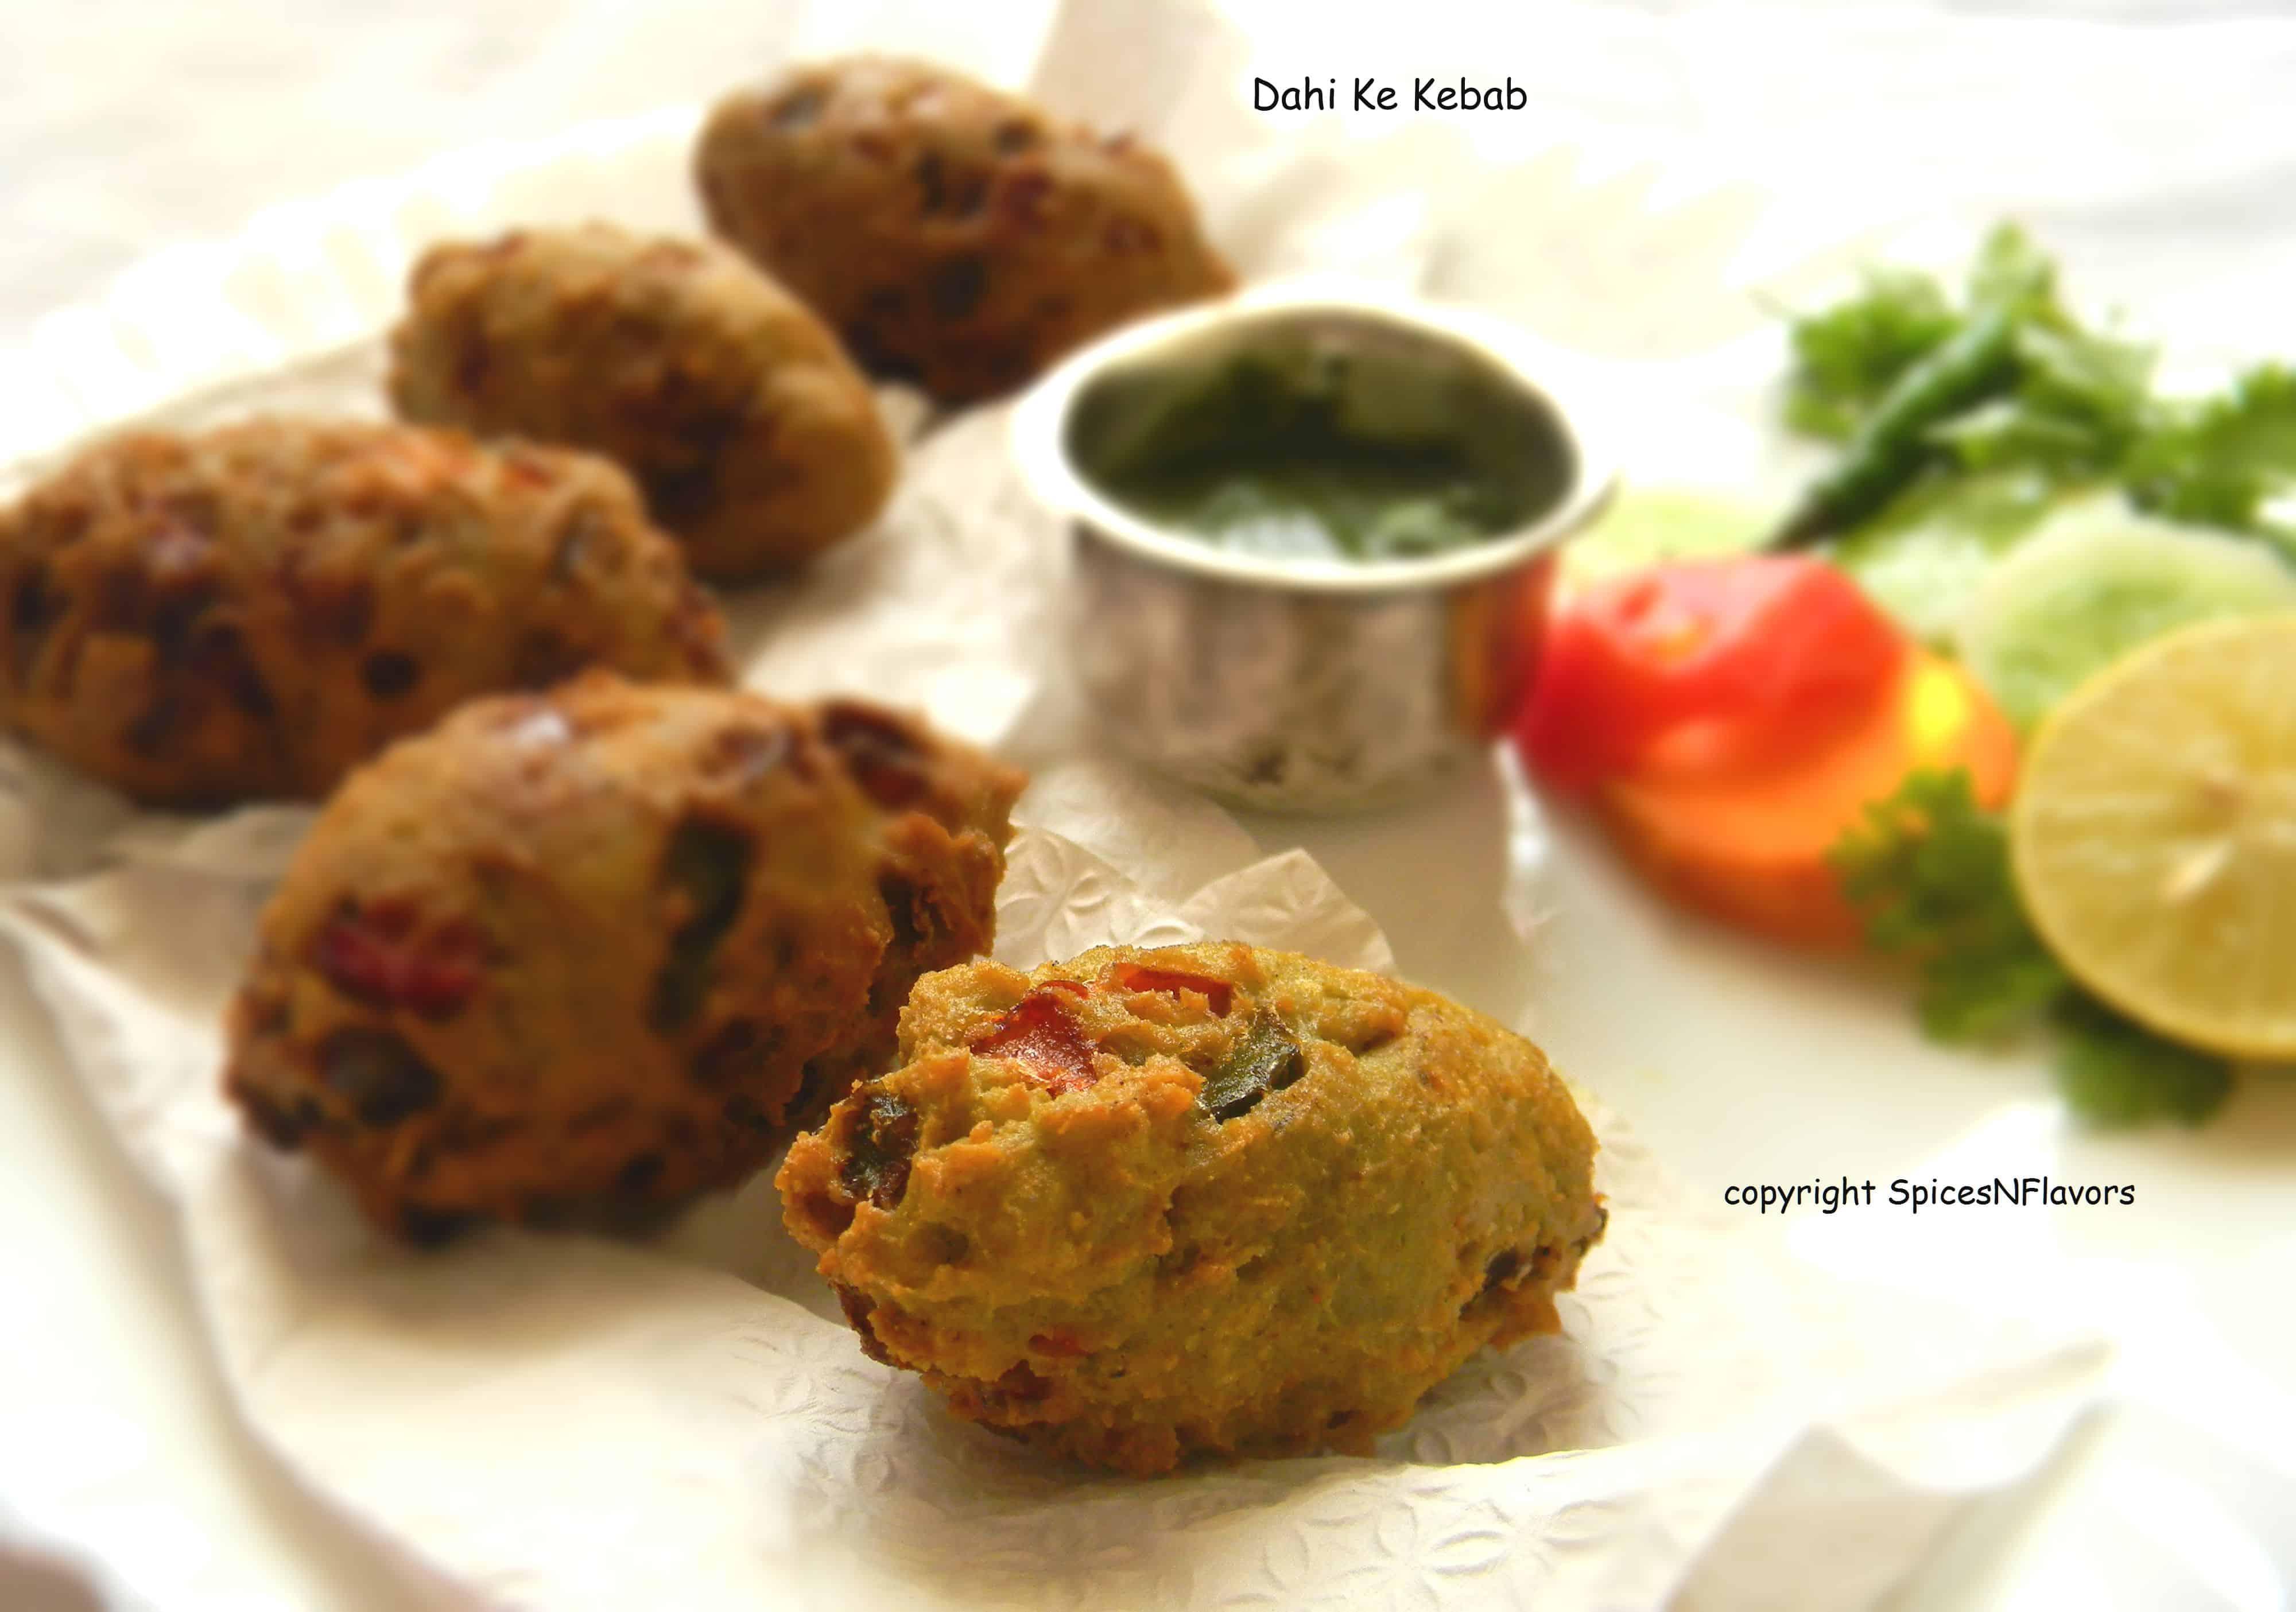 hung curd|dahi|ke|kebab